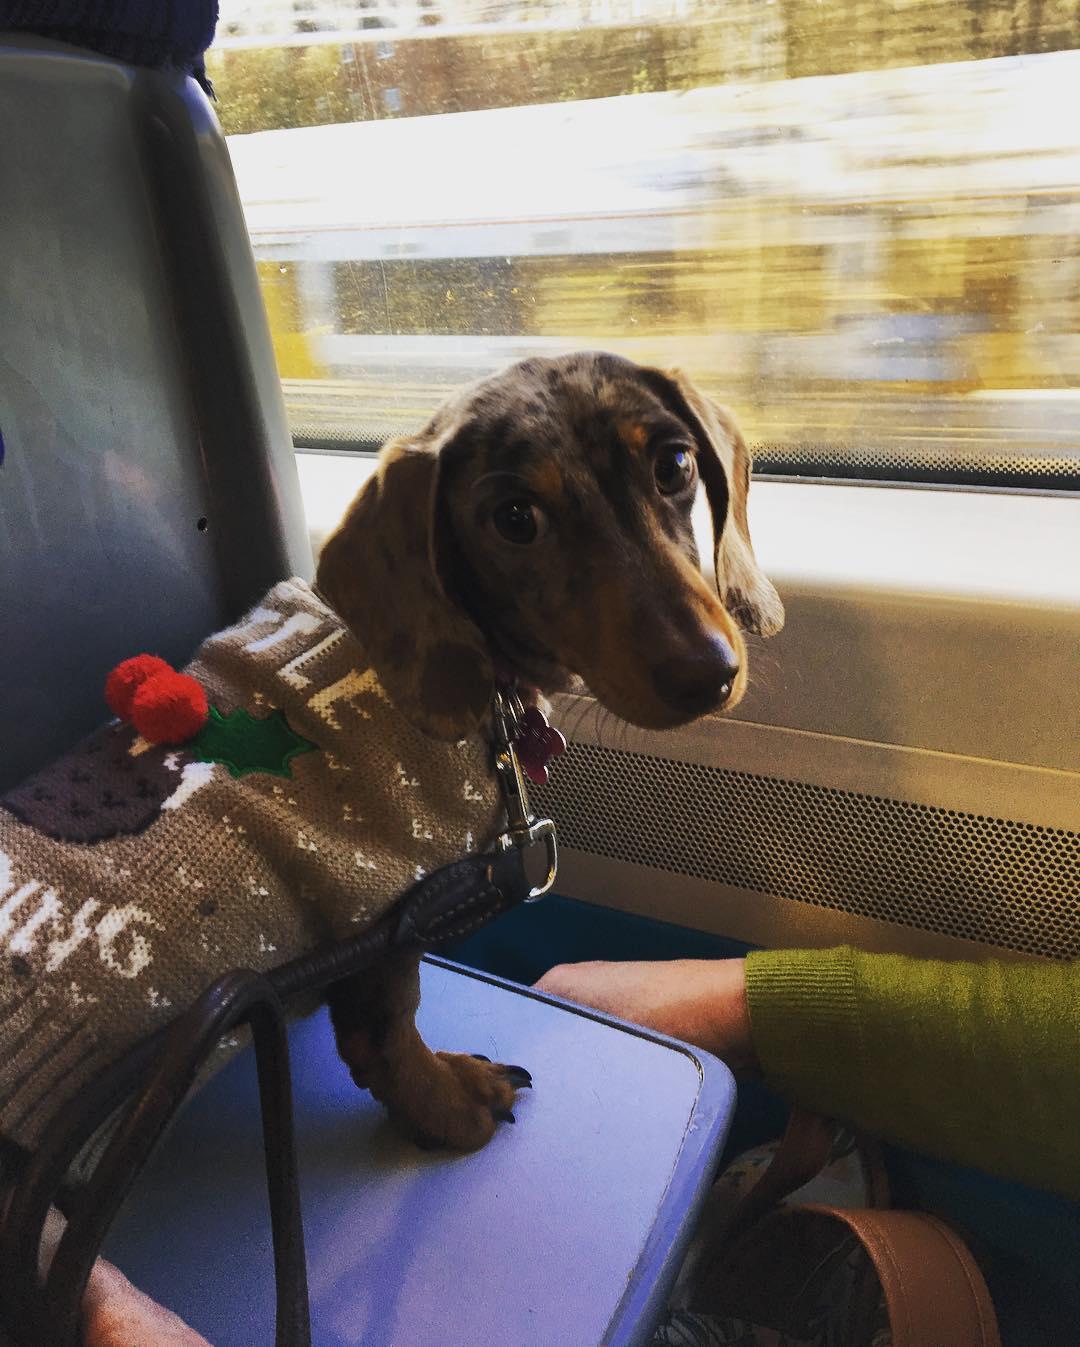 Photo: @the_dapple_dachshund